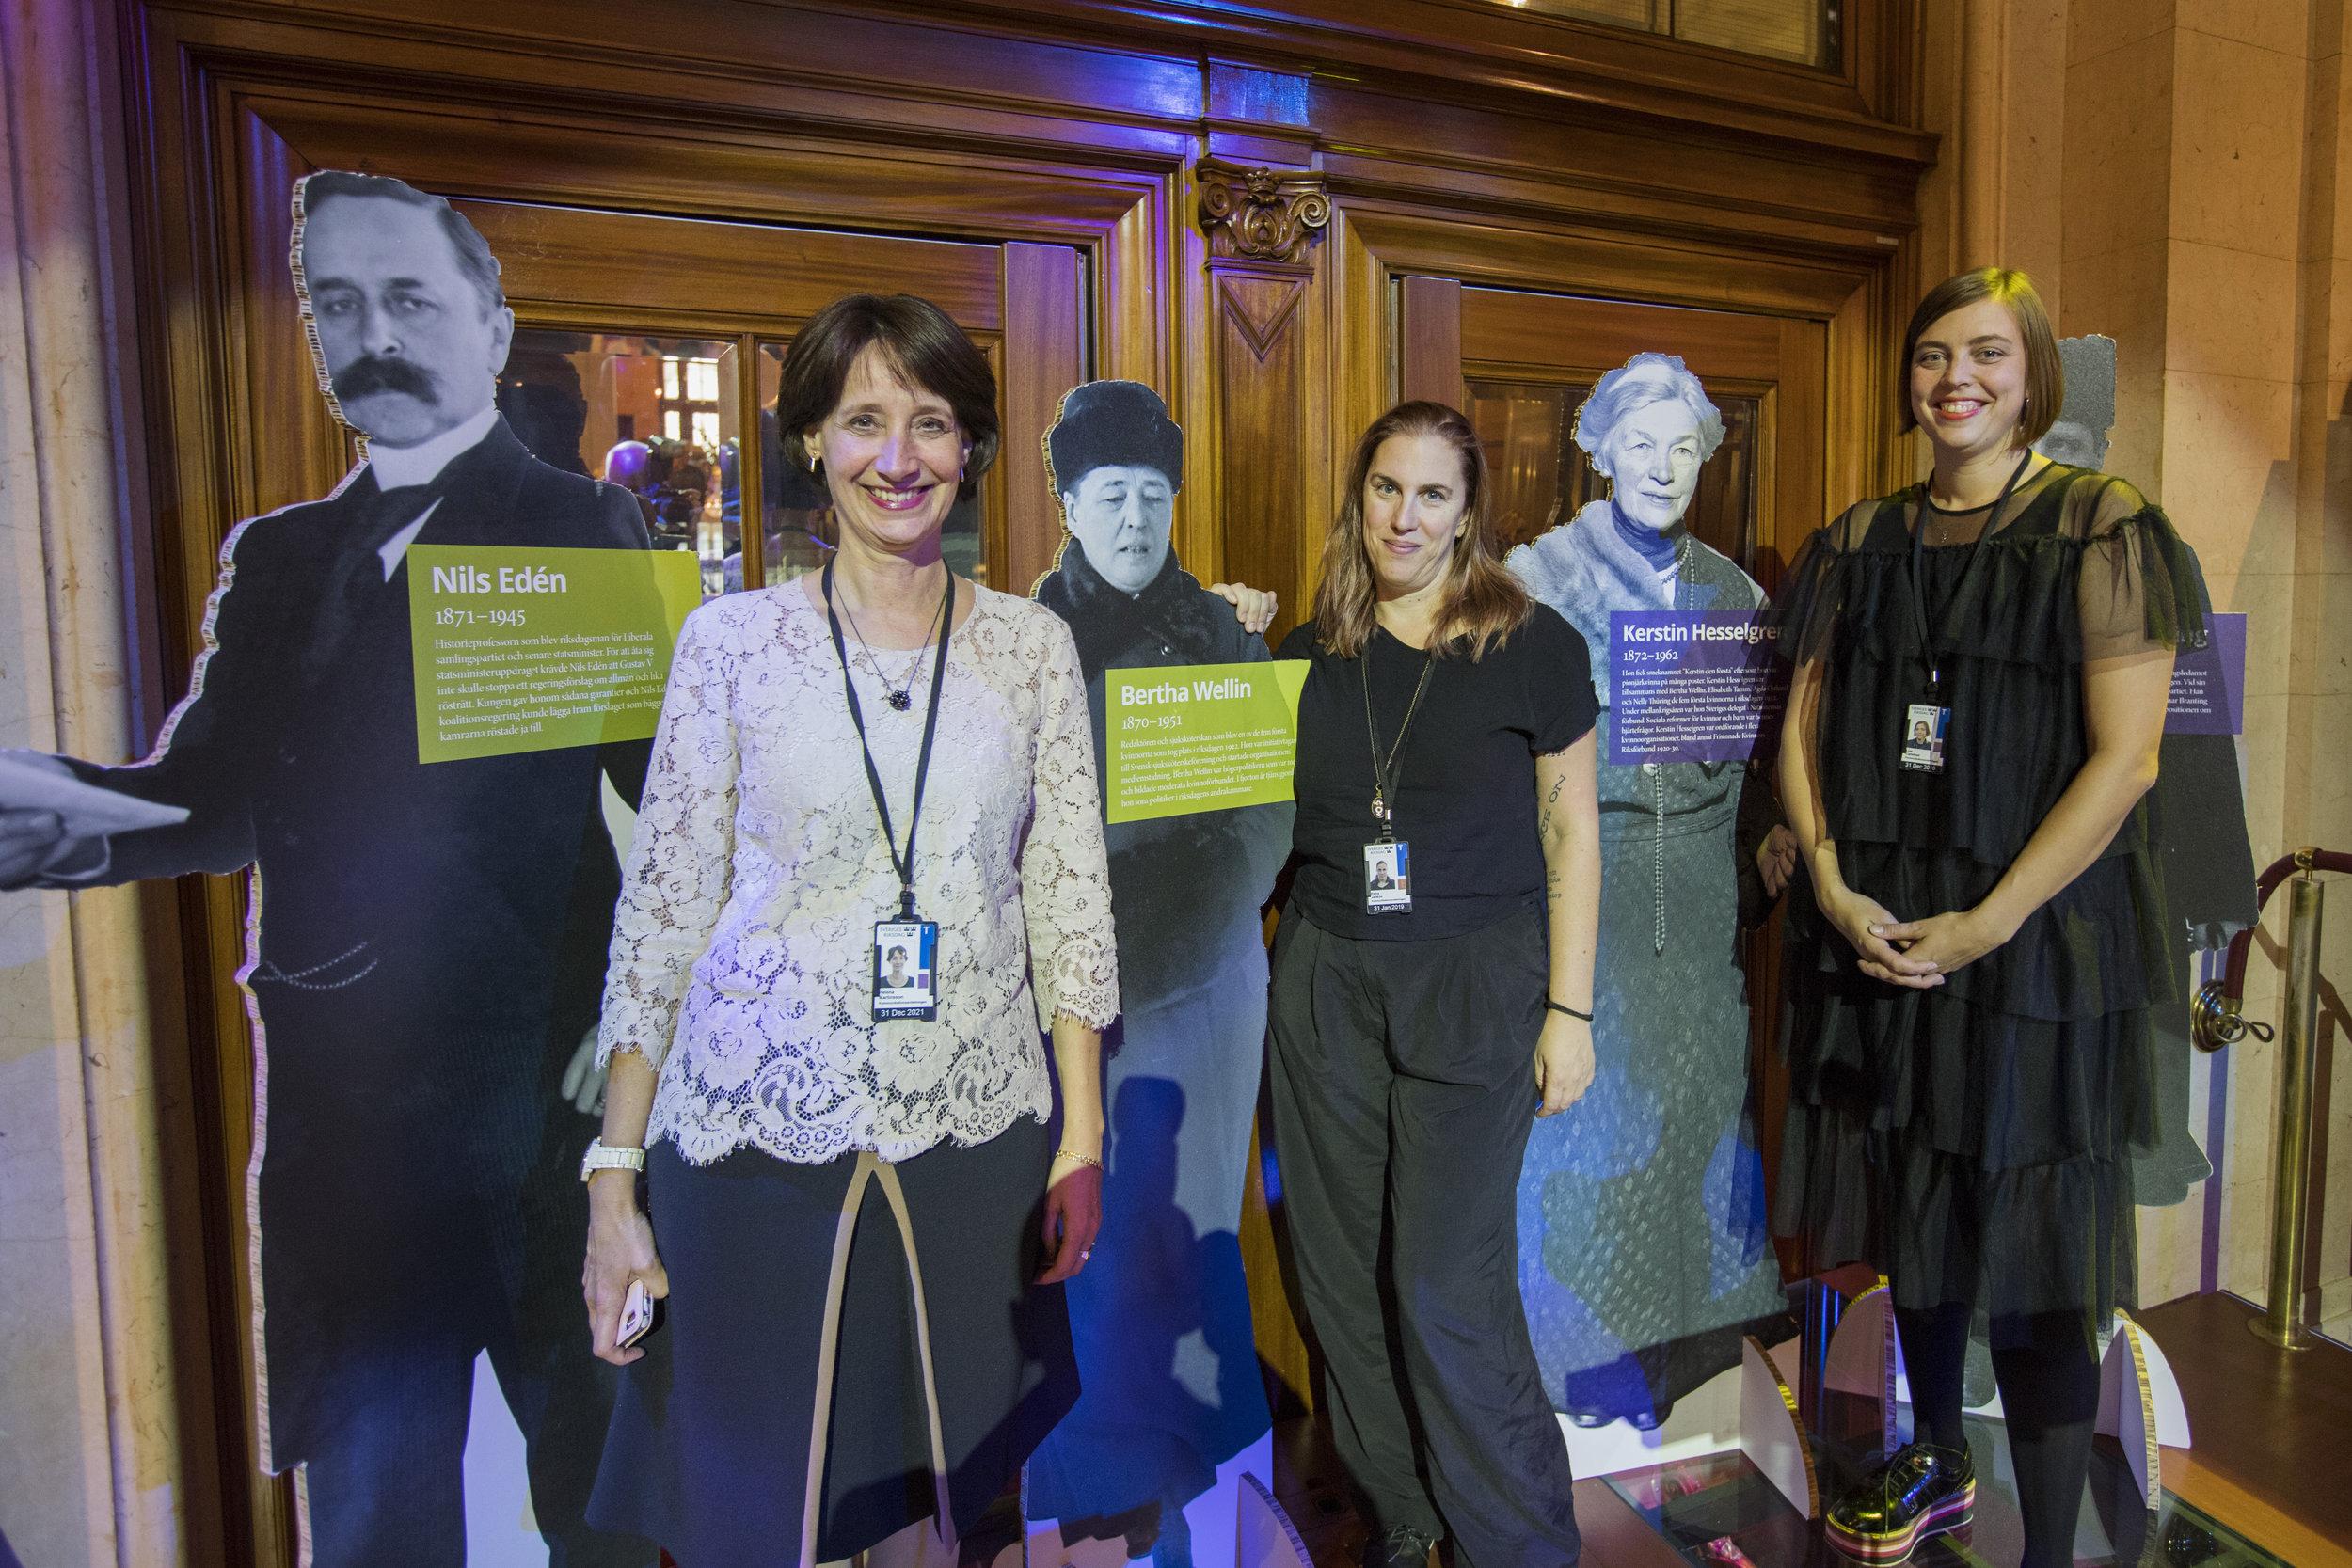 Helena Martinsson, Petra Jankov och Liza Carlefred. Foto: Melker Dahlstrand, Riksdagsförvaltningen